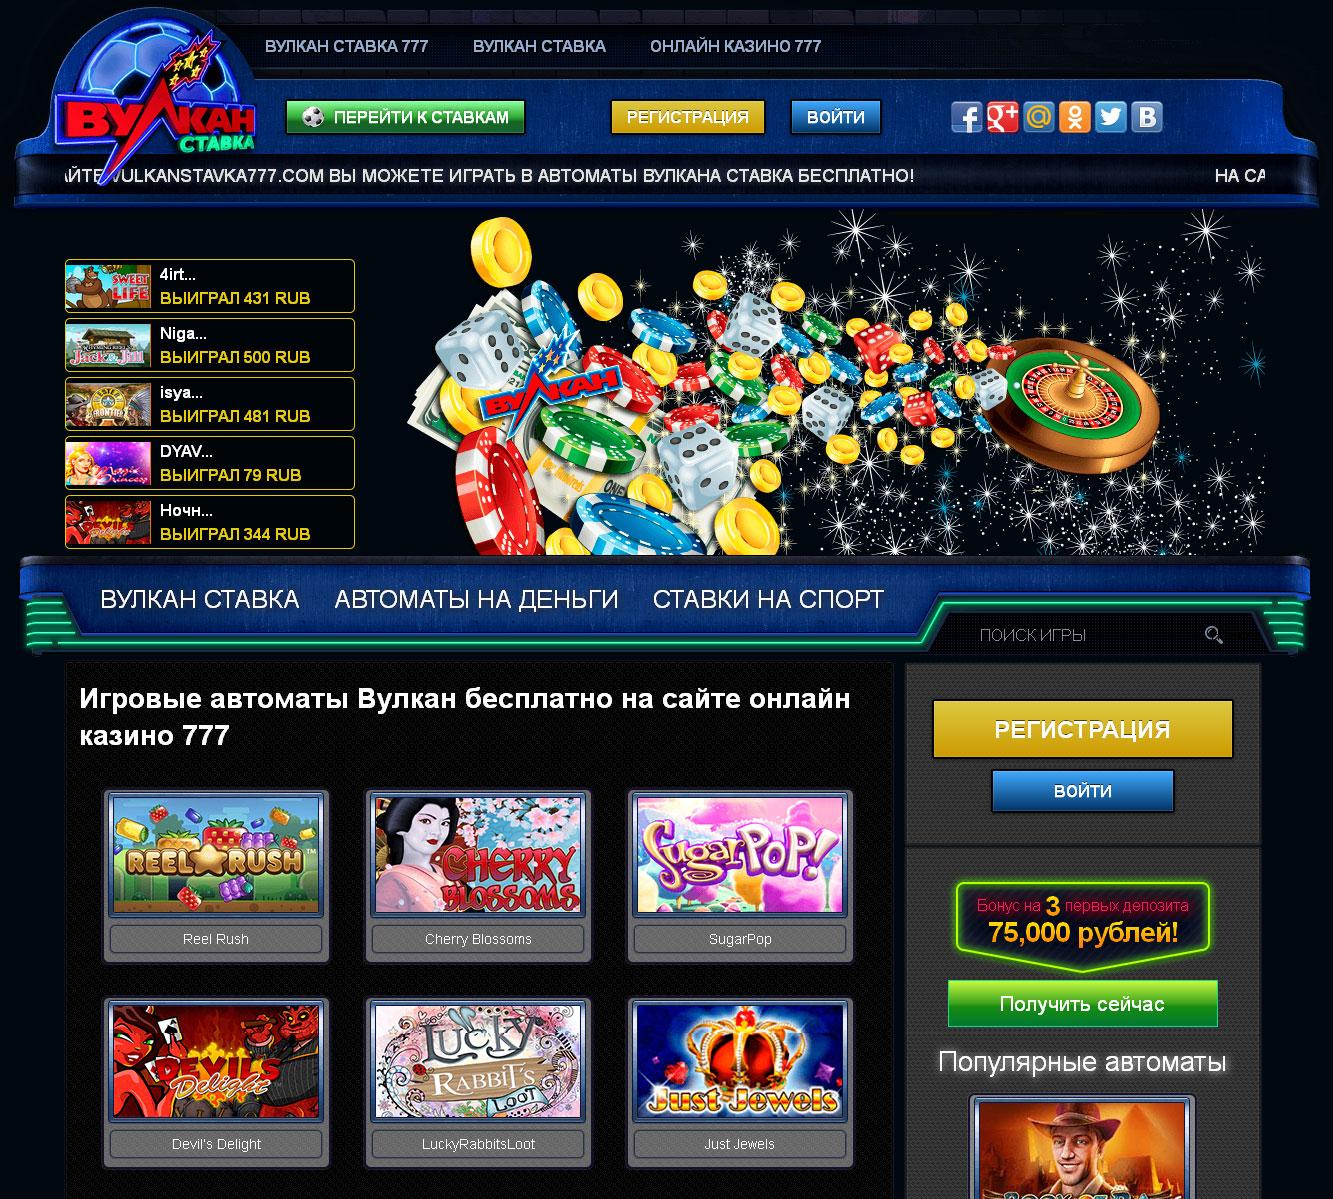 Играть в игровые автоматы онлайн бесплатно без регистрации вулкан играть онлайн в карты с реальными игроками